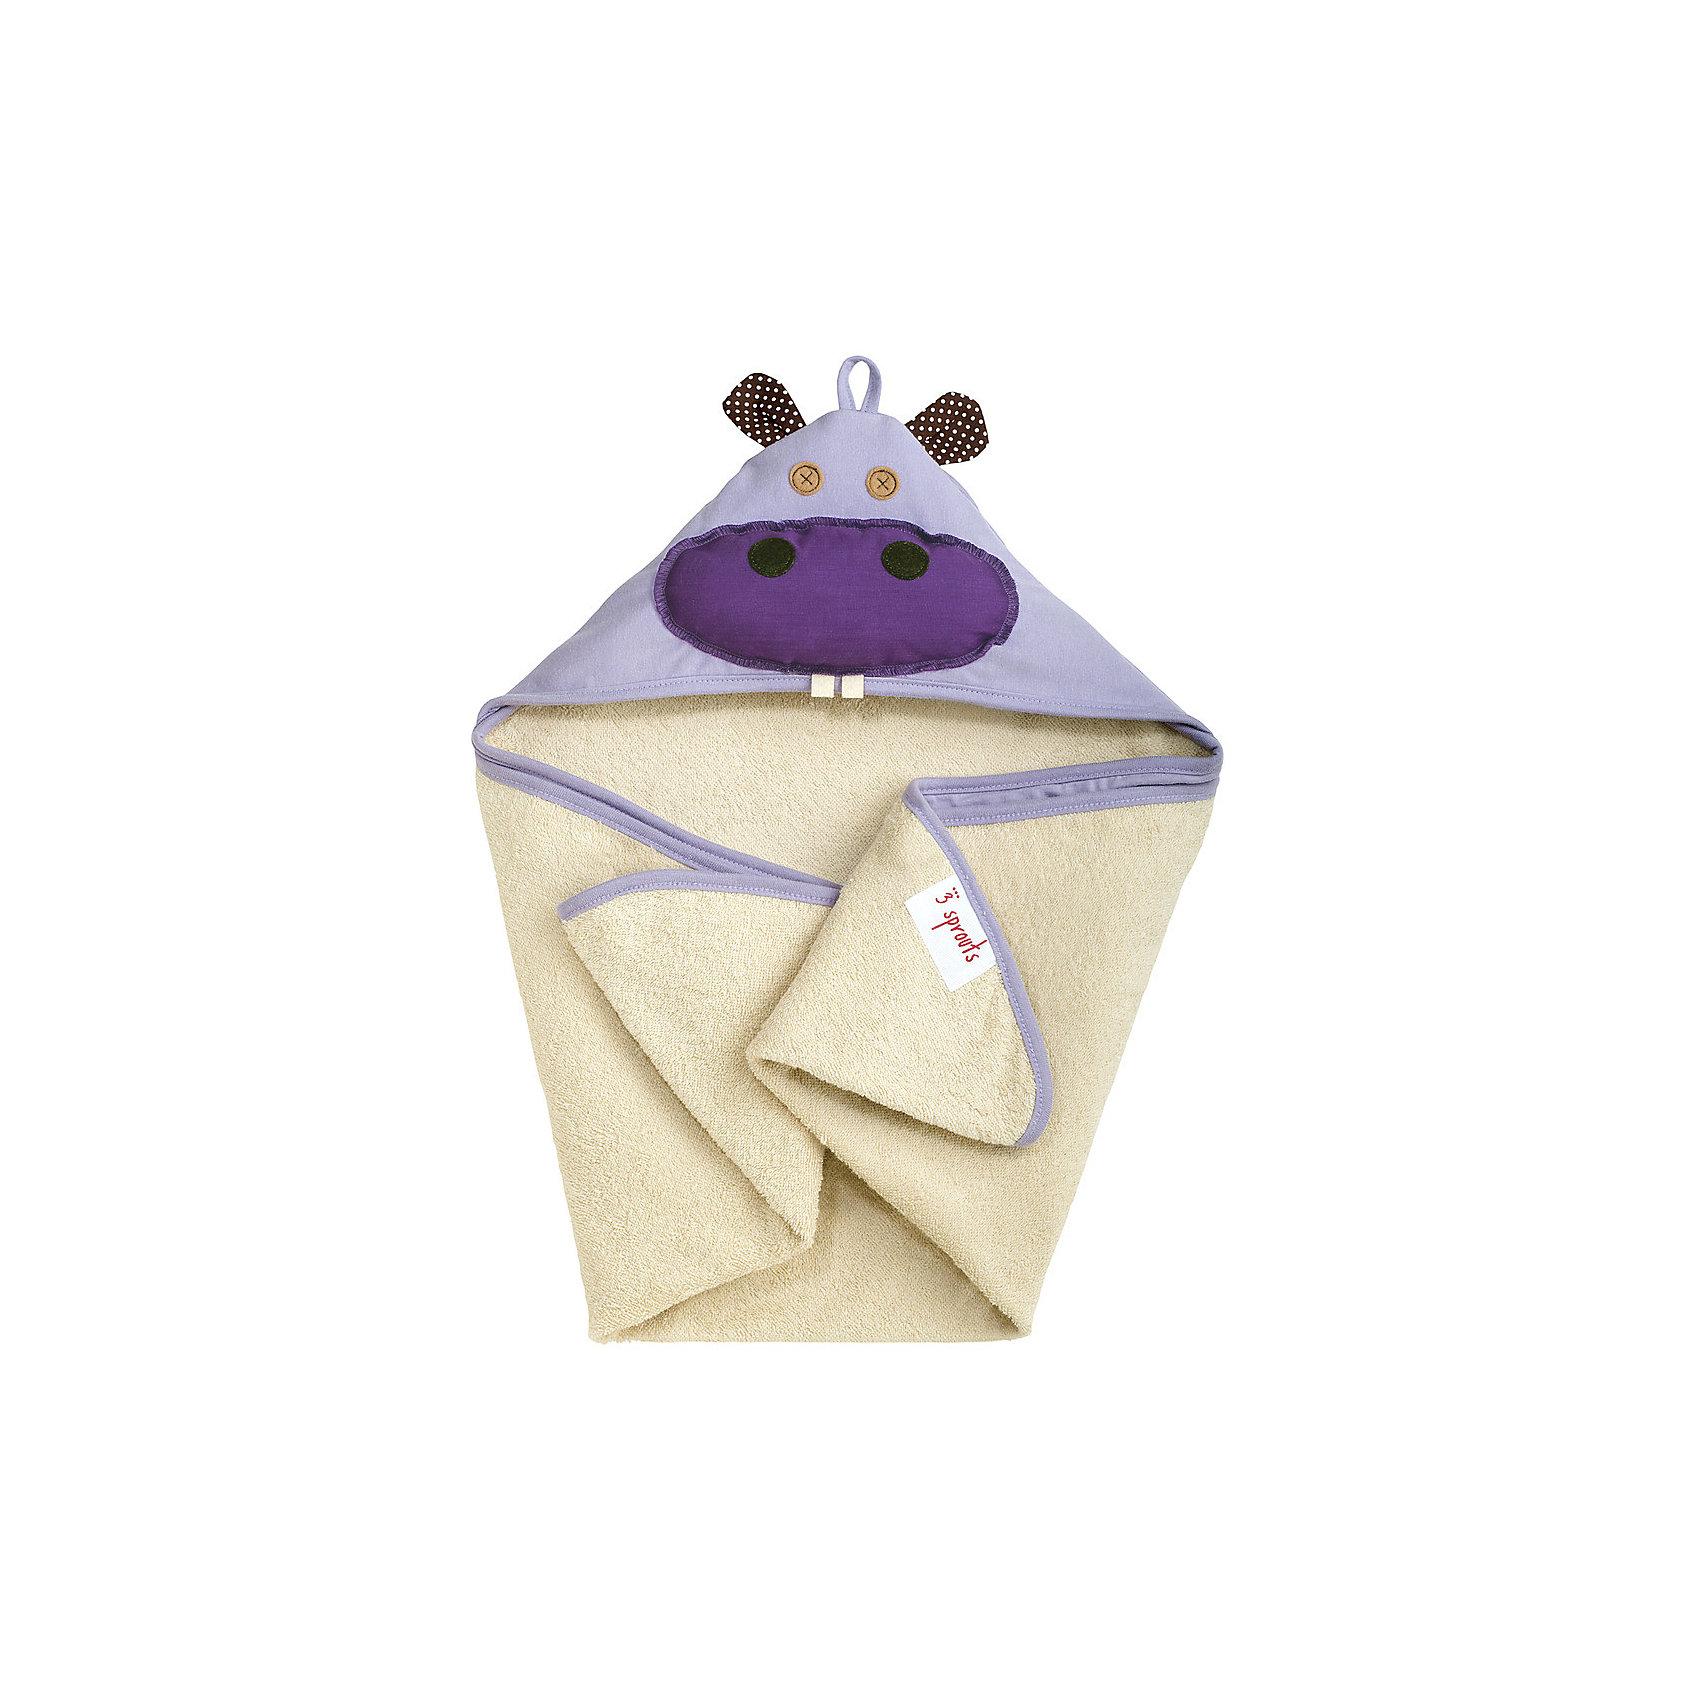 Полотенце с капюшоном Бегемотик (Purple Hippo), 3 SproutsПолотенца, мочалки, халаты<br>Милое полотенце для маленькой крохи. Махровое изнутри, а внешний слой изготовлен из 100% хлопка. <br><br>Дополнительная информация:<br><br>- Размер полотенца: 76х76 см.<br>- Материал: 100% хлопок снаружи, махровая ткань изнутри.<br>- Уход: деликатная стирка в холодной воде.<br><br>Купить полотенце с капюшоном Бегемотик (Purple Hippo), можно в нашем магазине.<br><br>Ширина мм: 260<br>Глубина мм: 20<br>Высота мм: 330<br>Вес г: 402<br>Возраст от месяцев: 0<br>Возраст до месяцев: 18<br>Пол: Унисекс<br>Возраст: Детский<br>SKU: 5098199